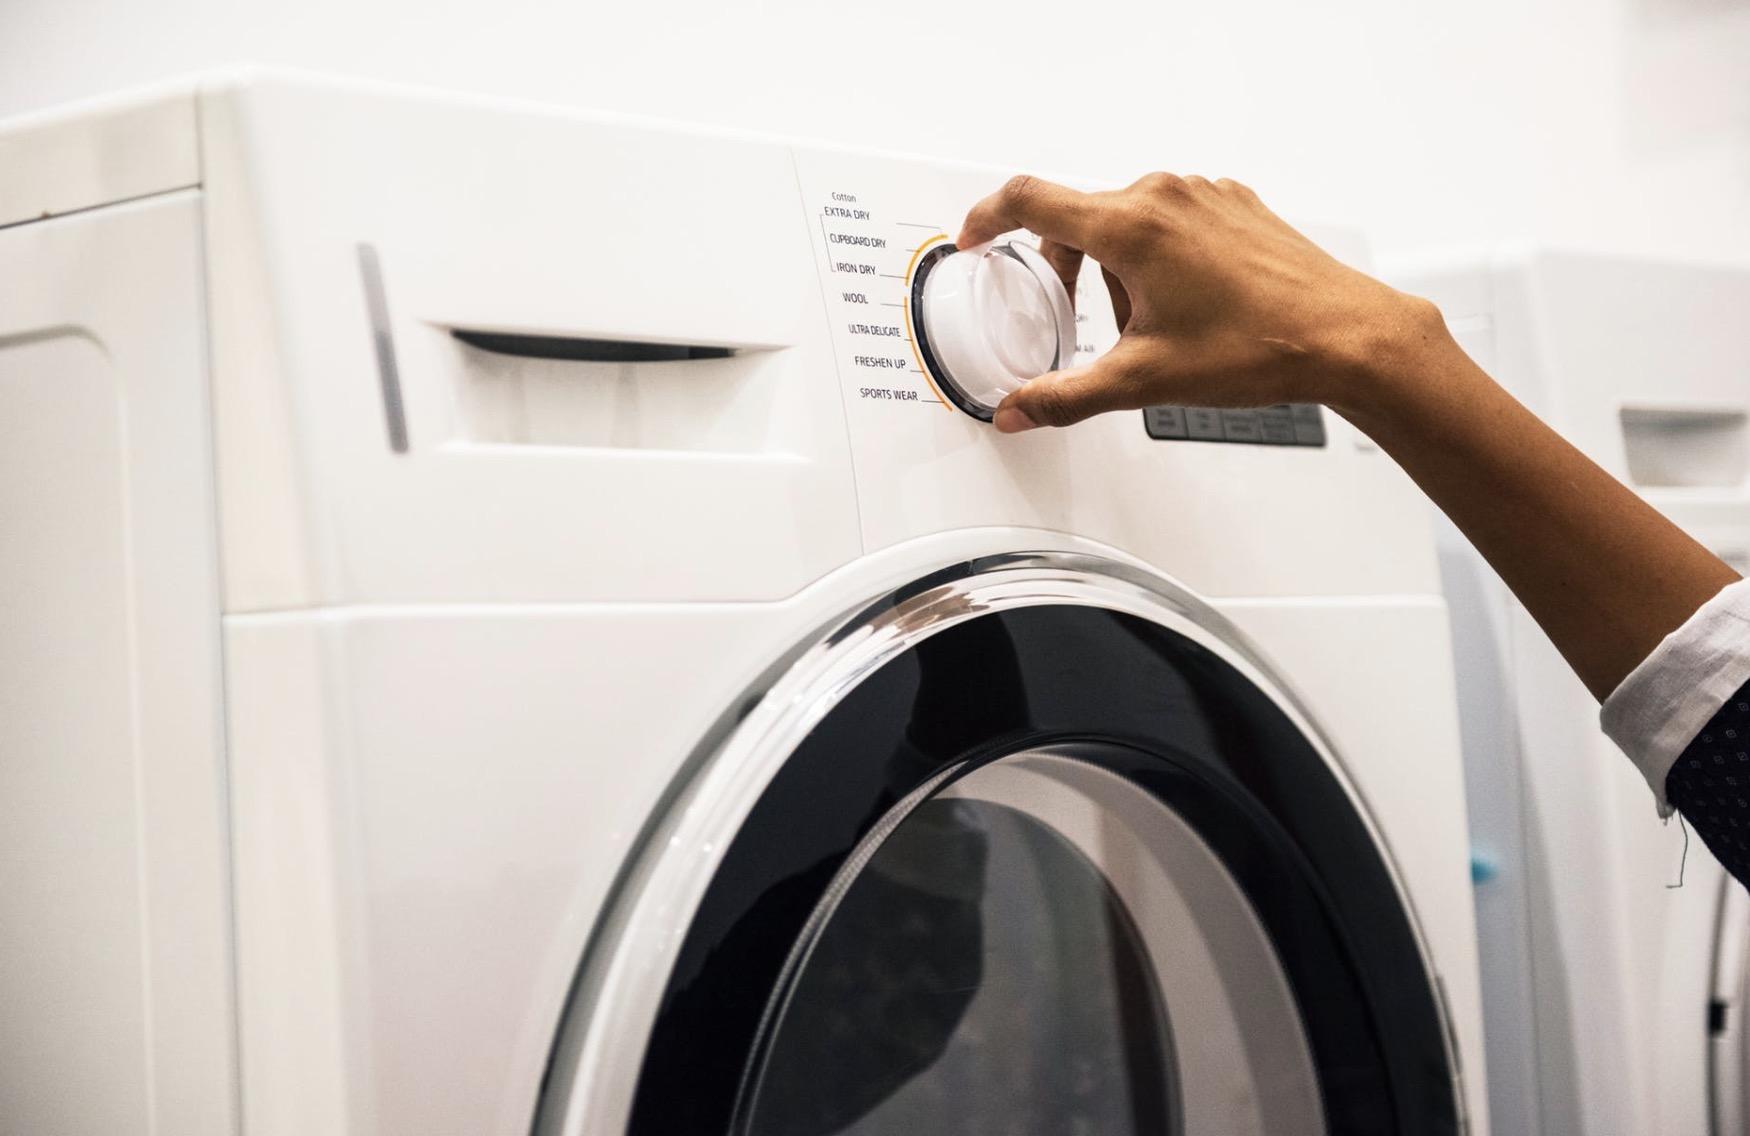 Gode råd til køb af vaskemaskine